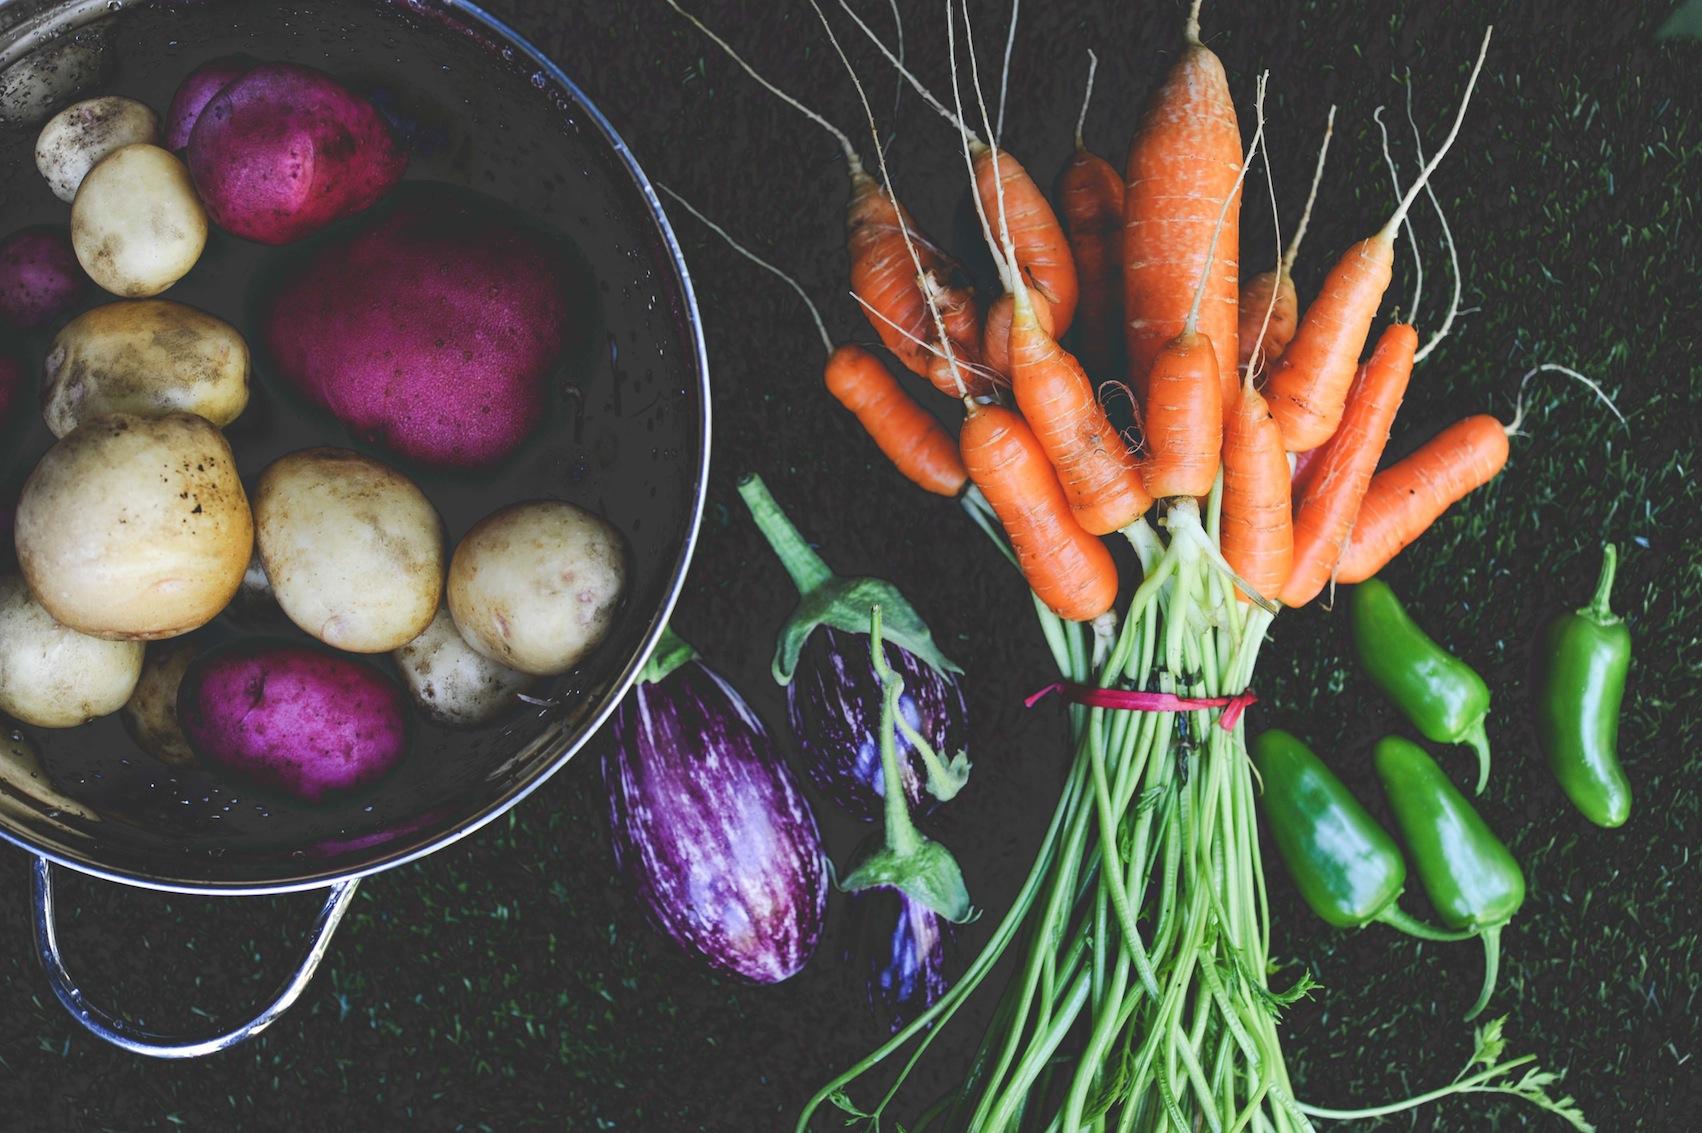 Favorite Vegetable Varieties of 2015_Seattle Urban Farm Co.